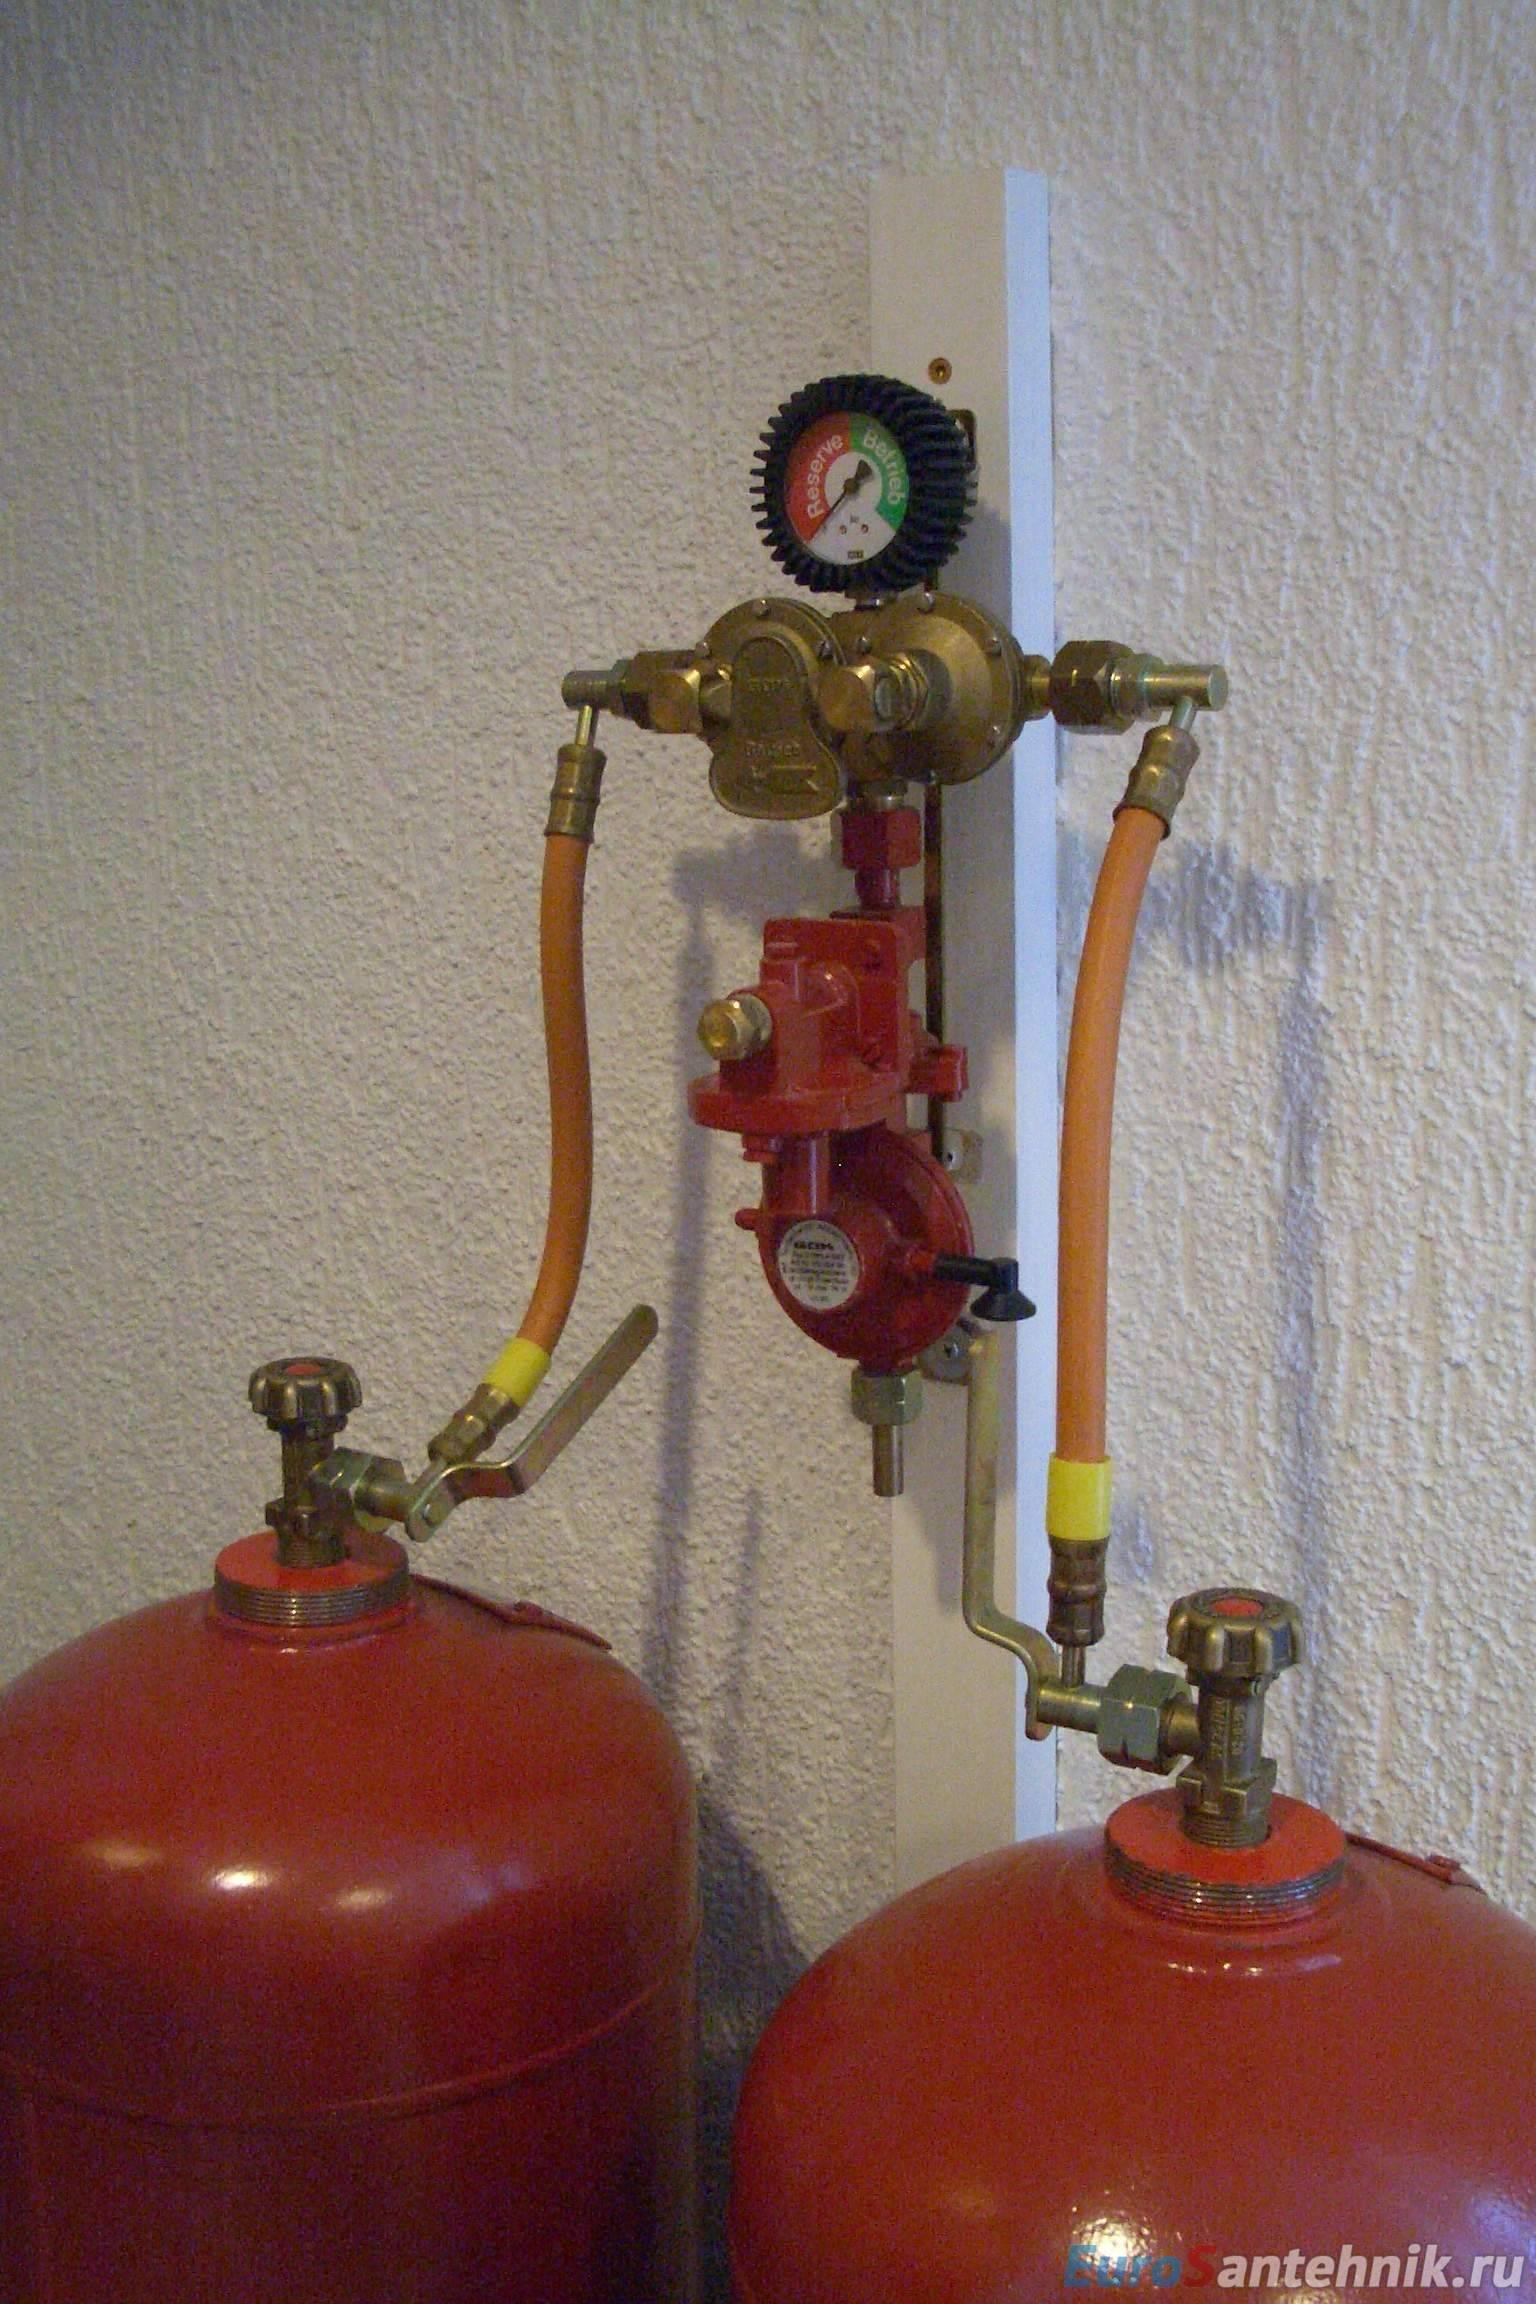 Обзор газовых котлов на сжиженном баллонном газе: как выбрать - точка j